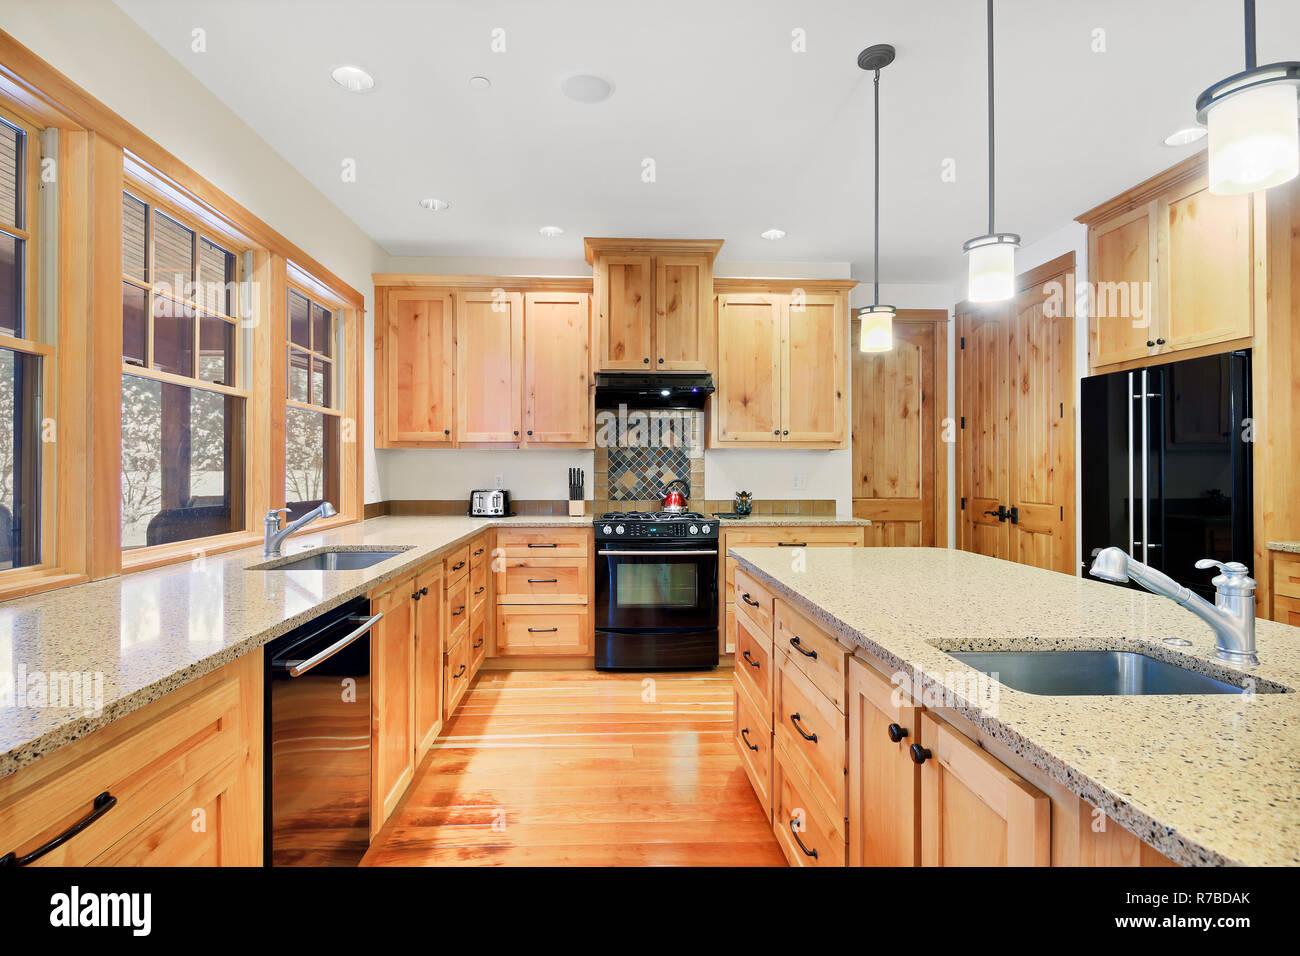 Schöne Küche Mit Hellem Holz Granit Und Schwarze Geräte Stockfoto